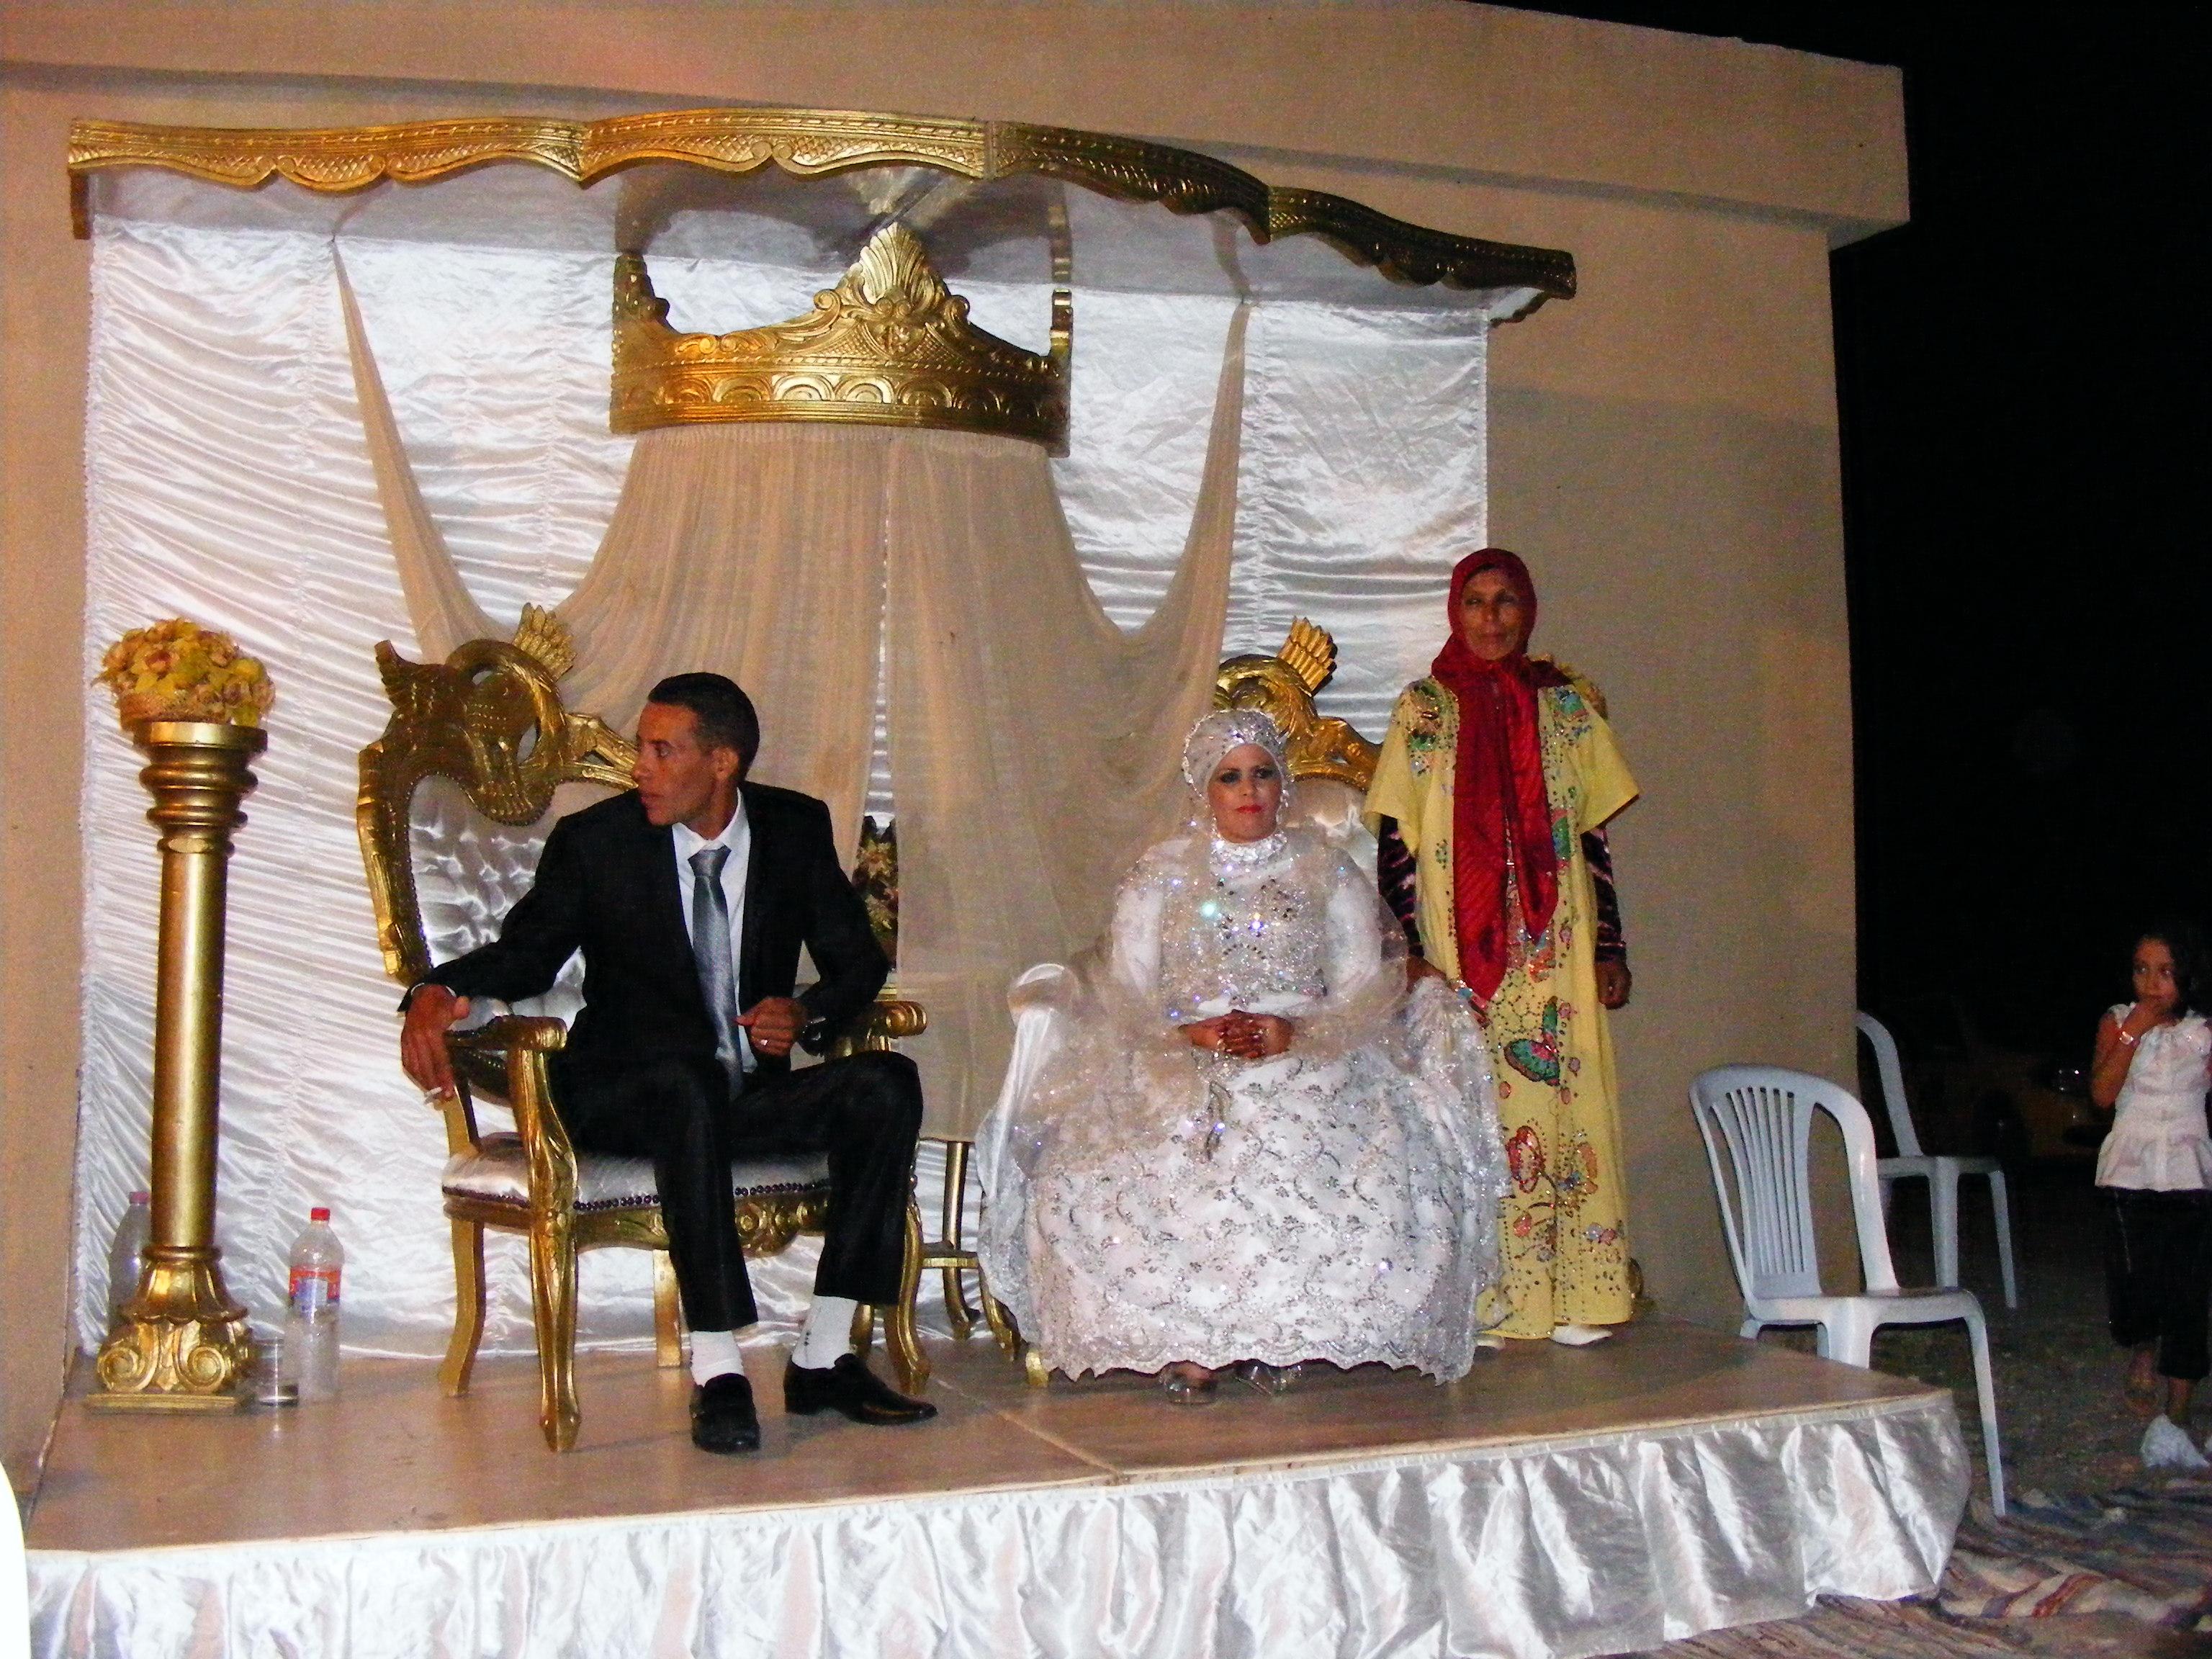 Dokumente Fur Die Hochzeit Im Ausland Weddix